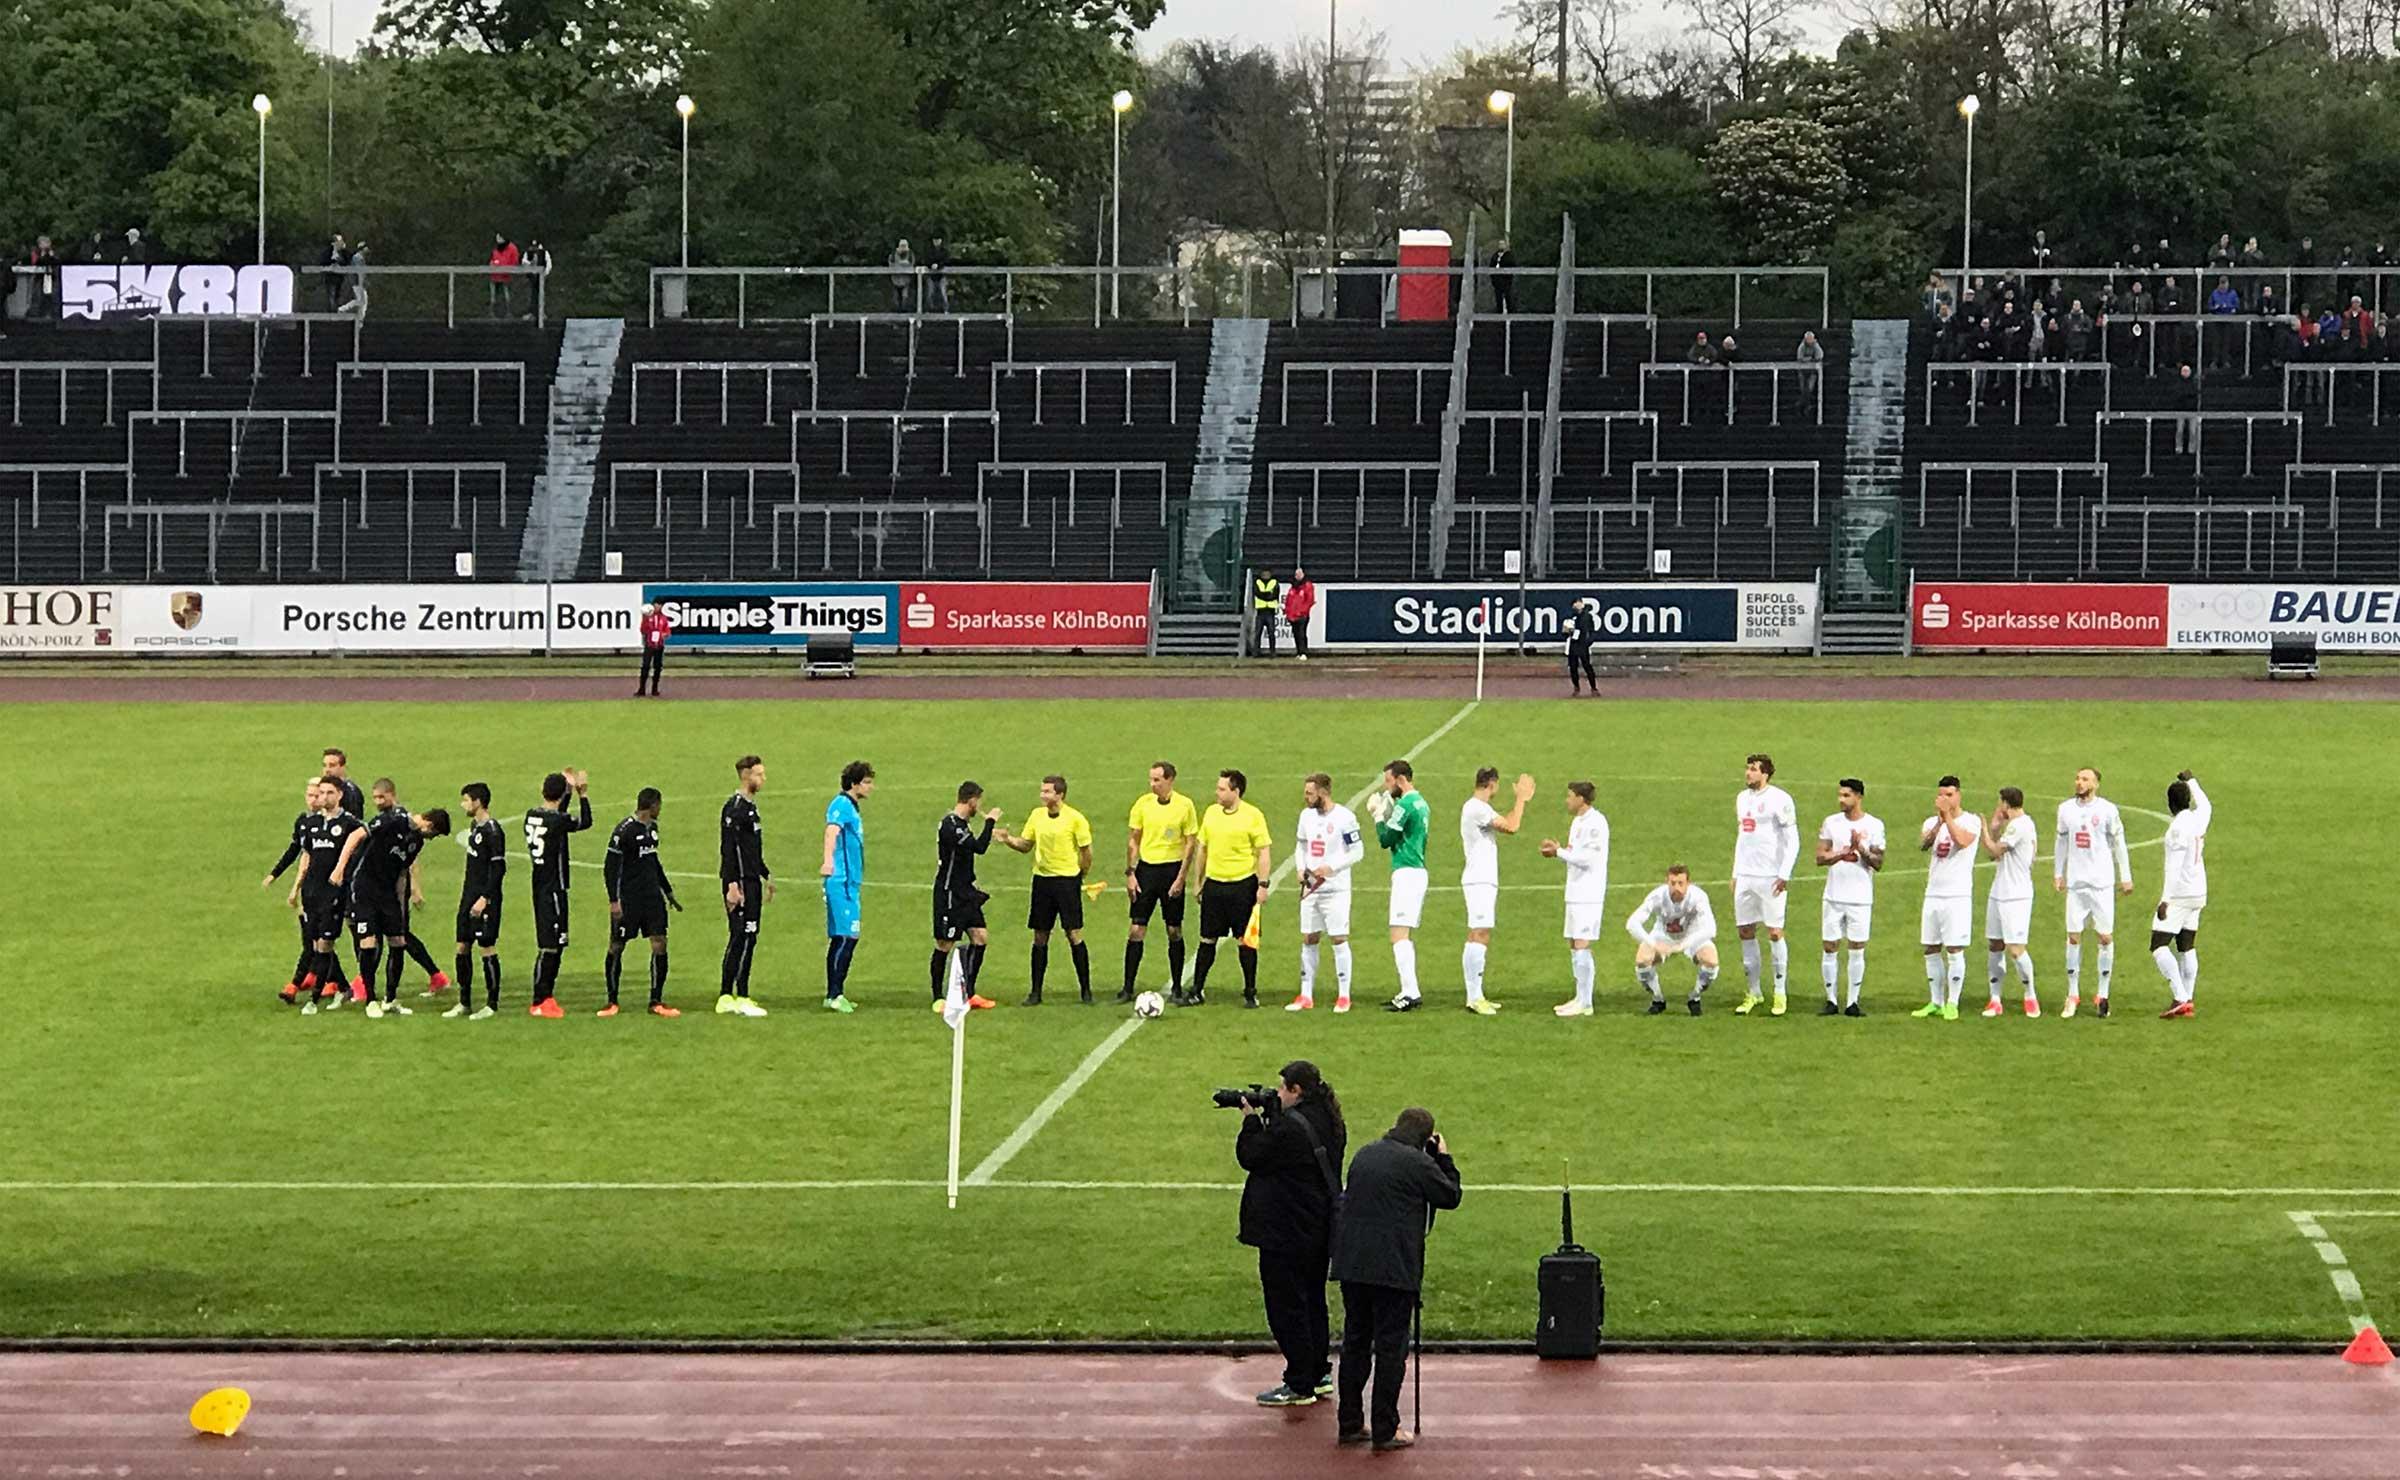 Eine dunkelblau und eine weiß gekleidete Fußballmannschaft steht in einer Reihe vor der Tribüne, in der Mitte die drei gelb-schwarz gekleideten Schiedsrichter.